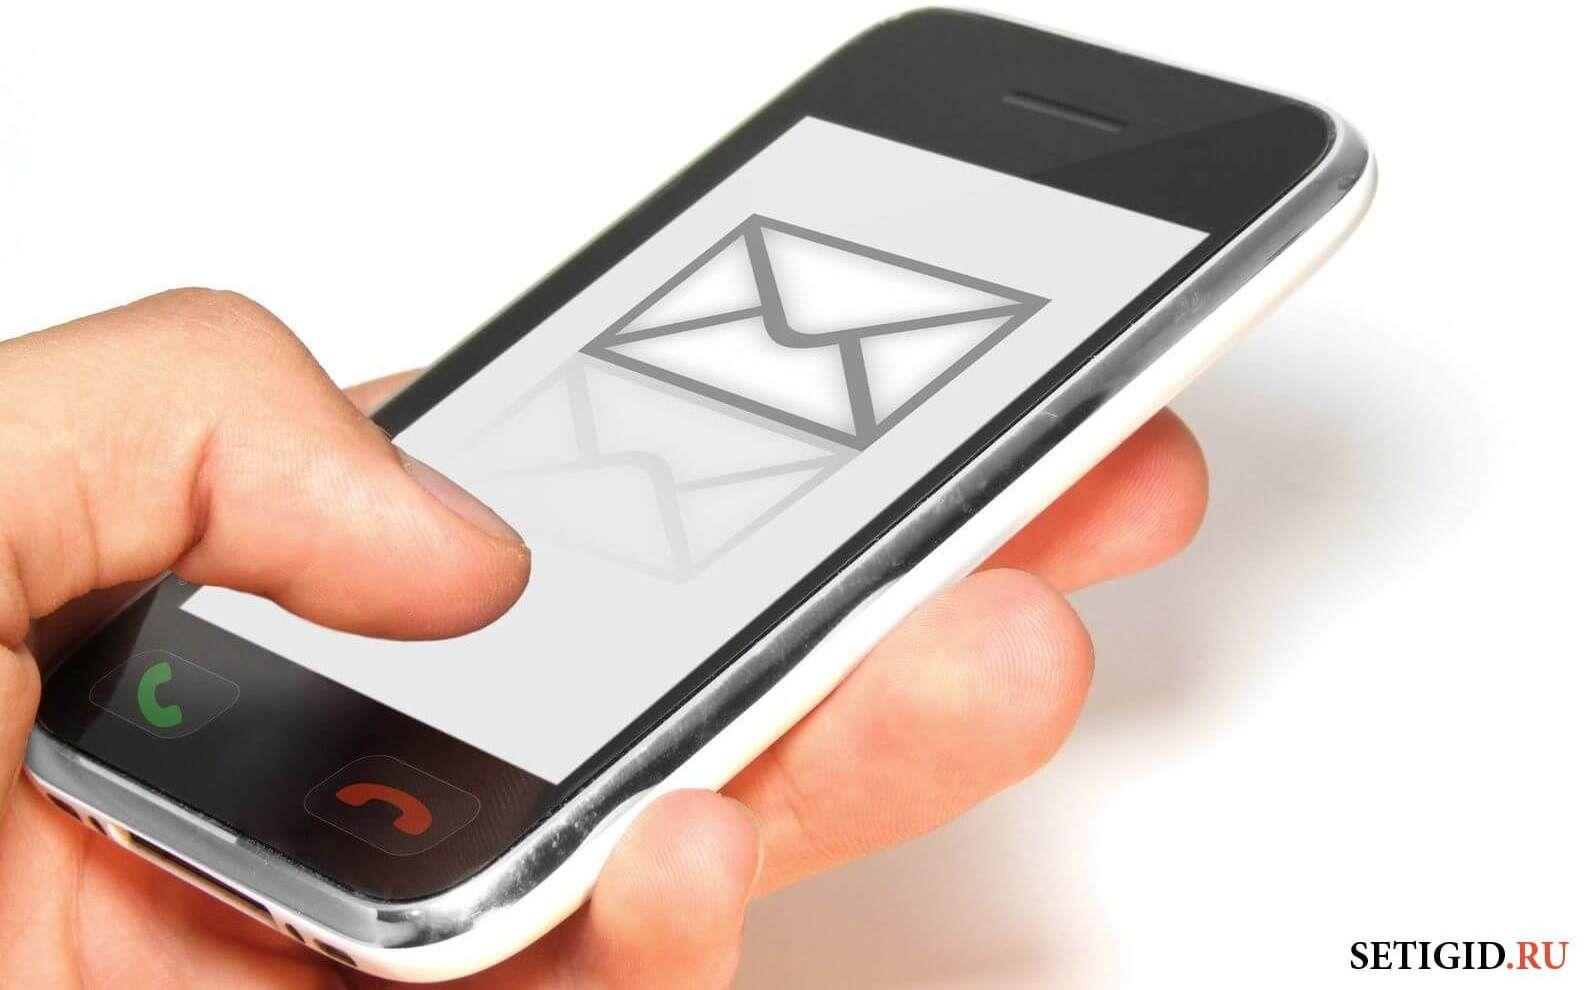 Белый телефон в руке с сообщением на экране